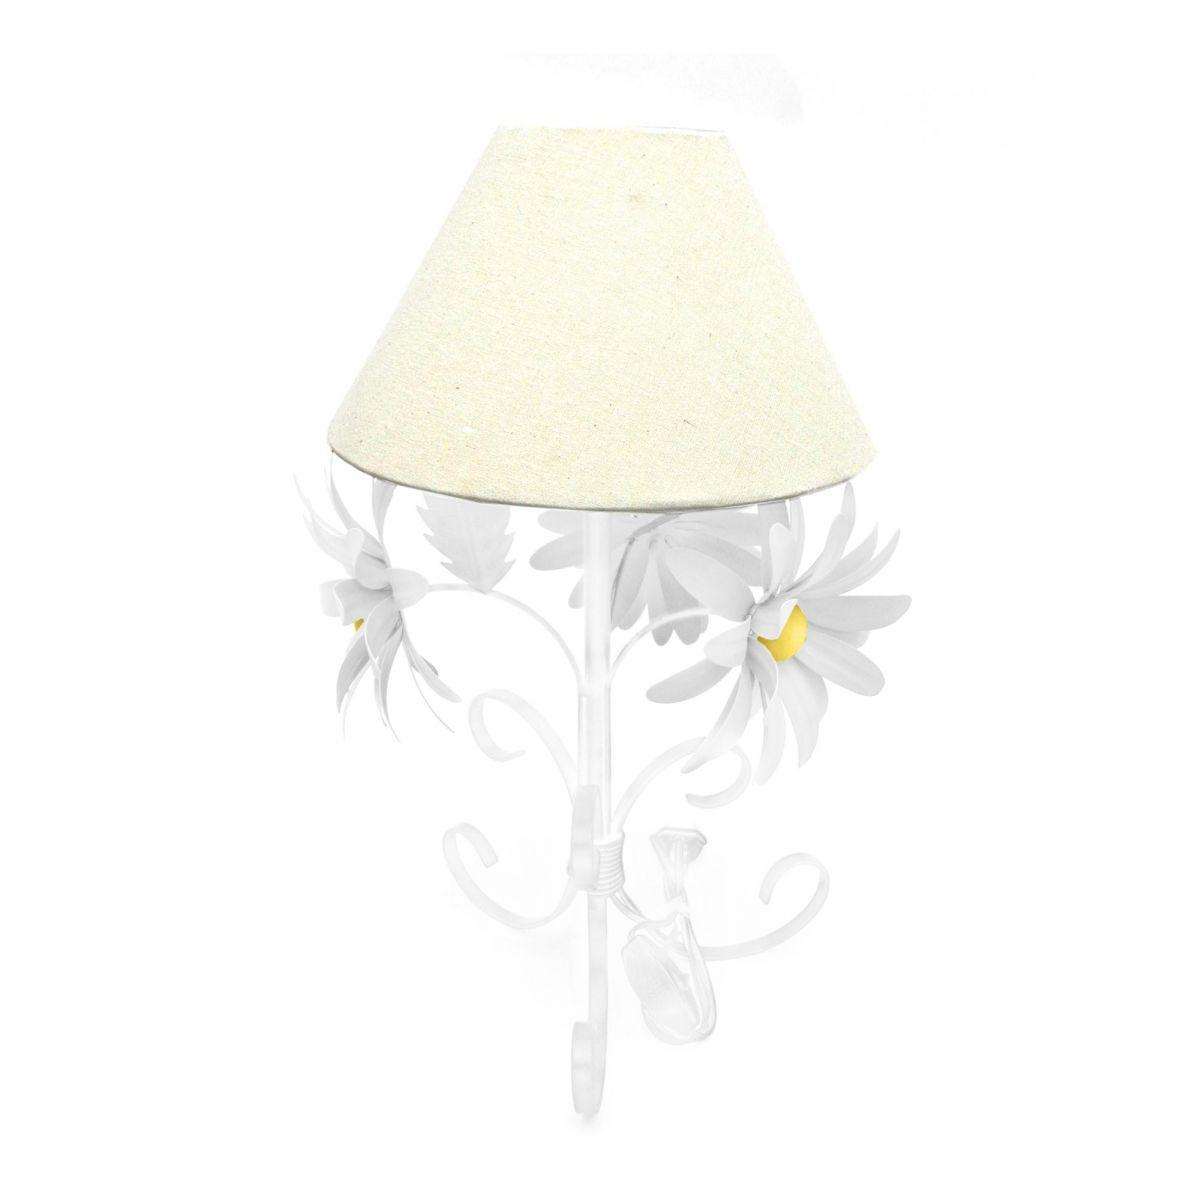 Abajur De Ferro E Lata Decorativo para Sala Com Flores Provençal